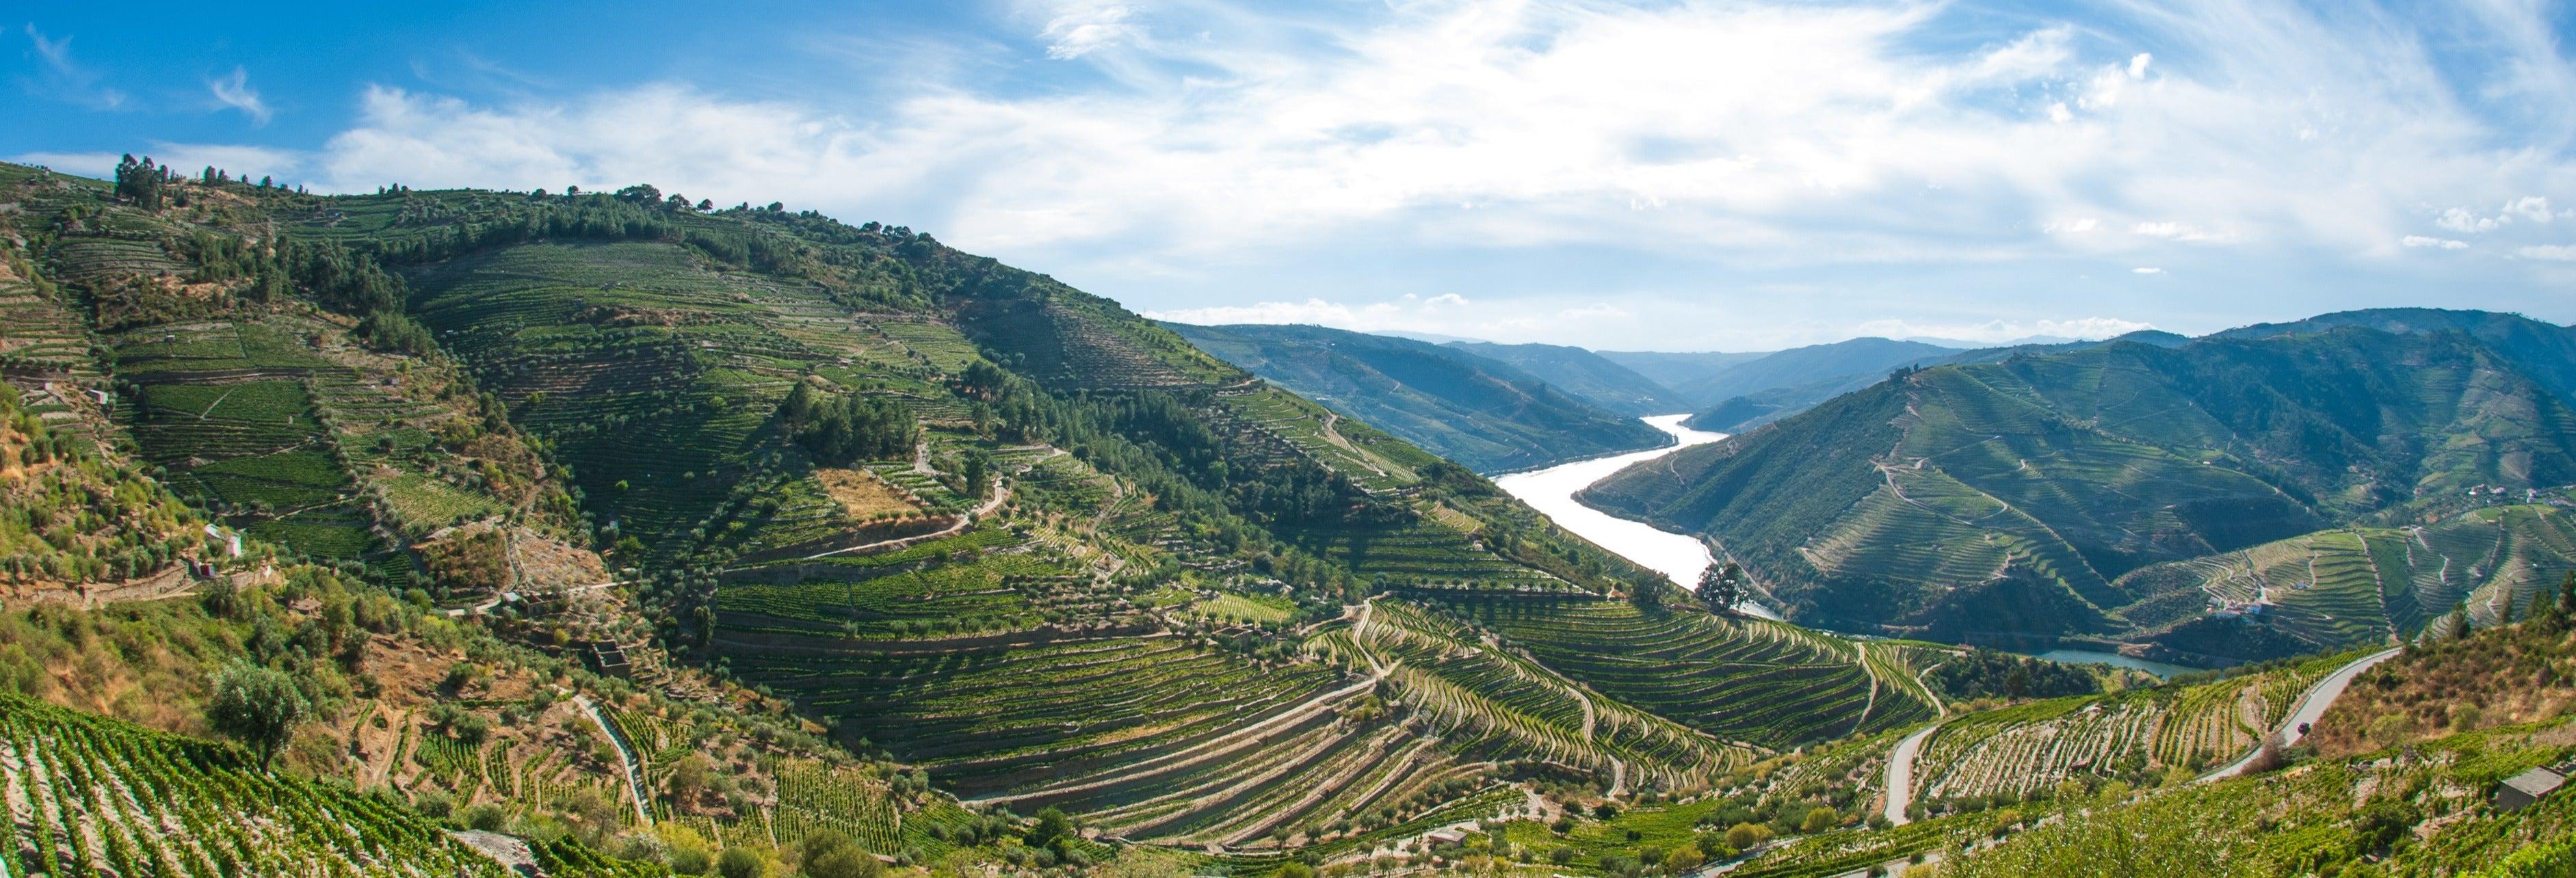 Tour pela região do Douro